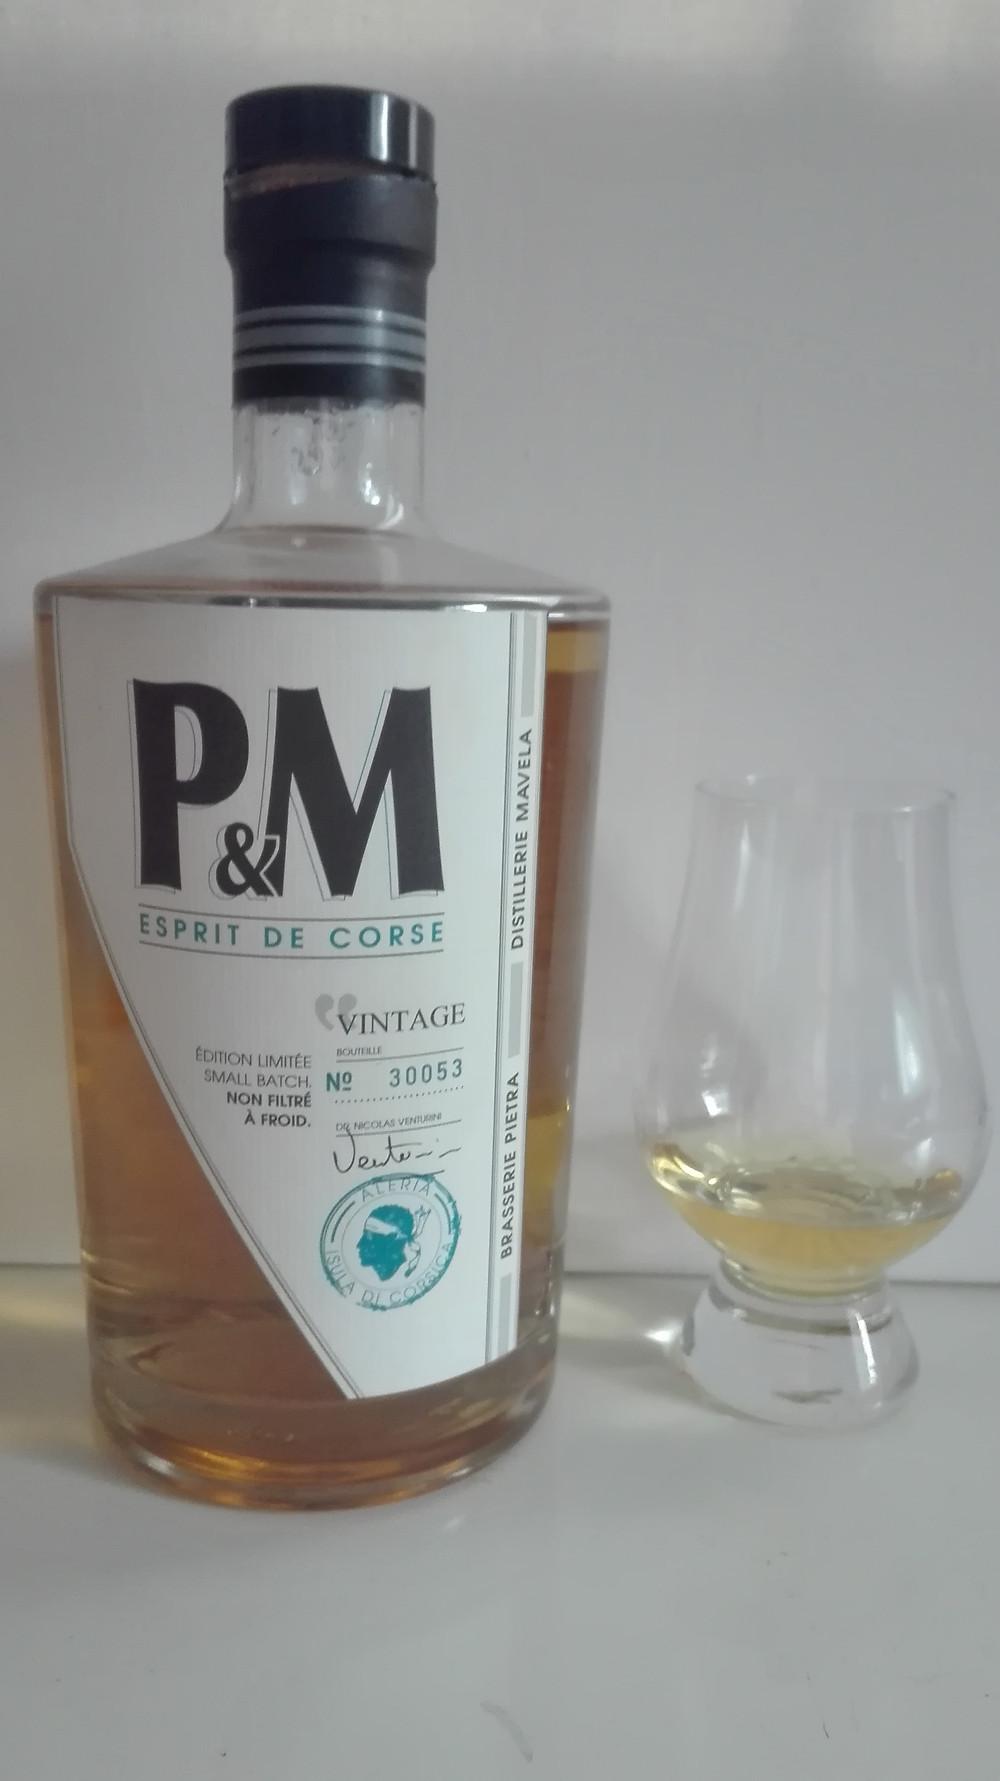 Whisky Gewinnspiel, P&M Vintage, Esprit de Corse, Mavela